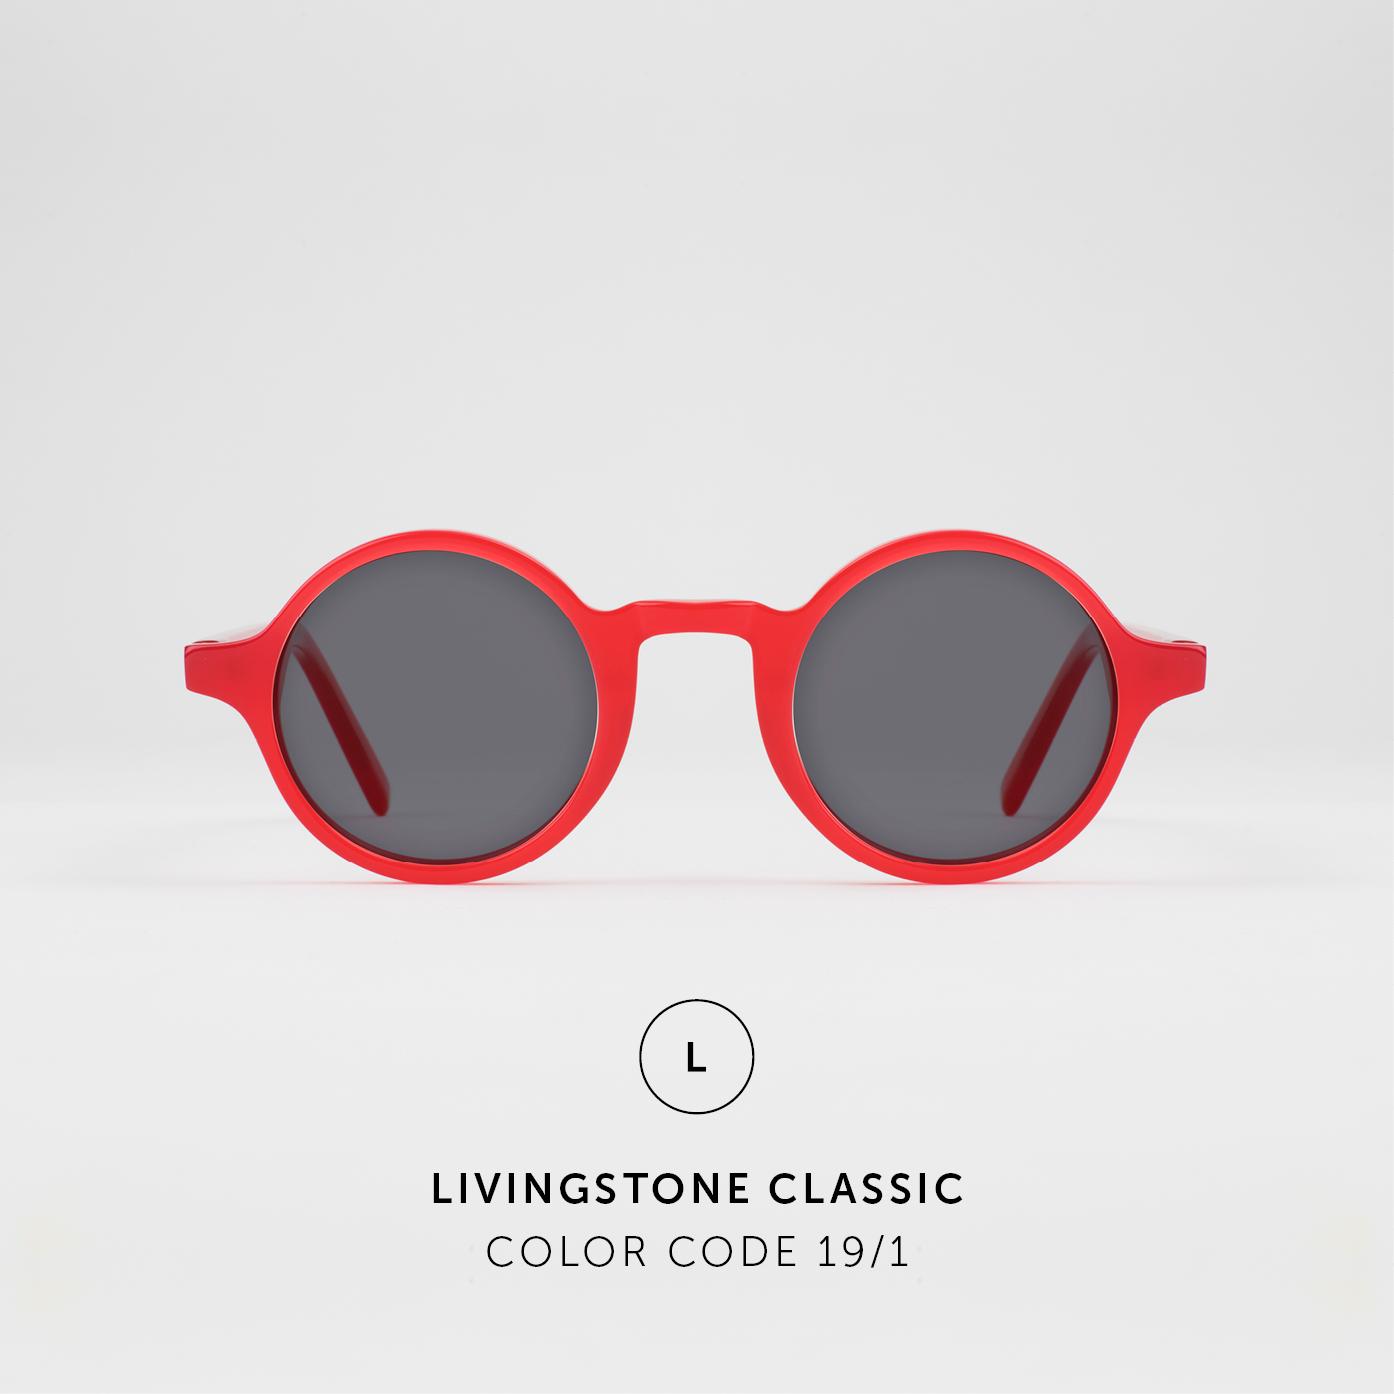 LivingstoneClassic58.jpg